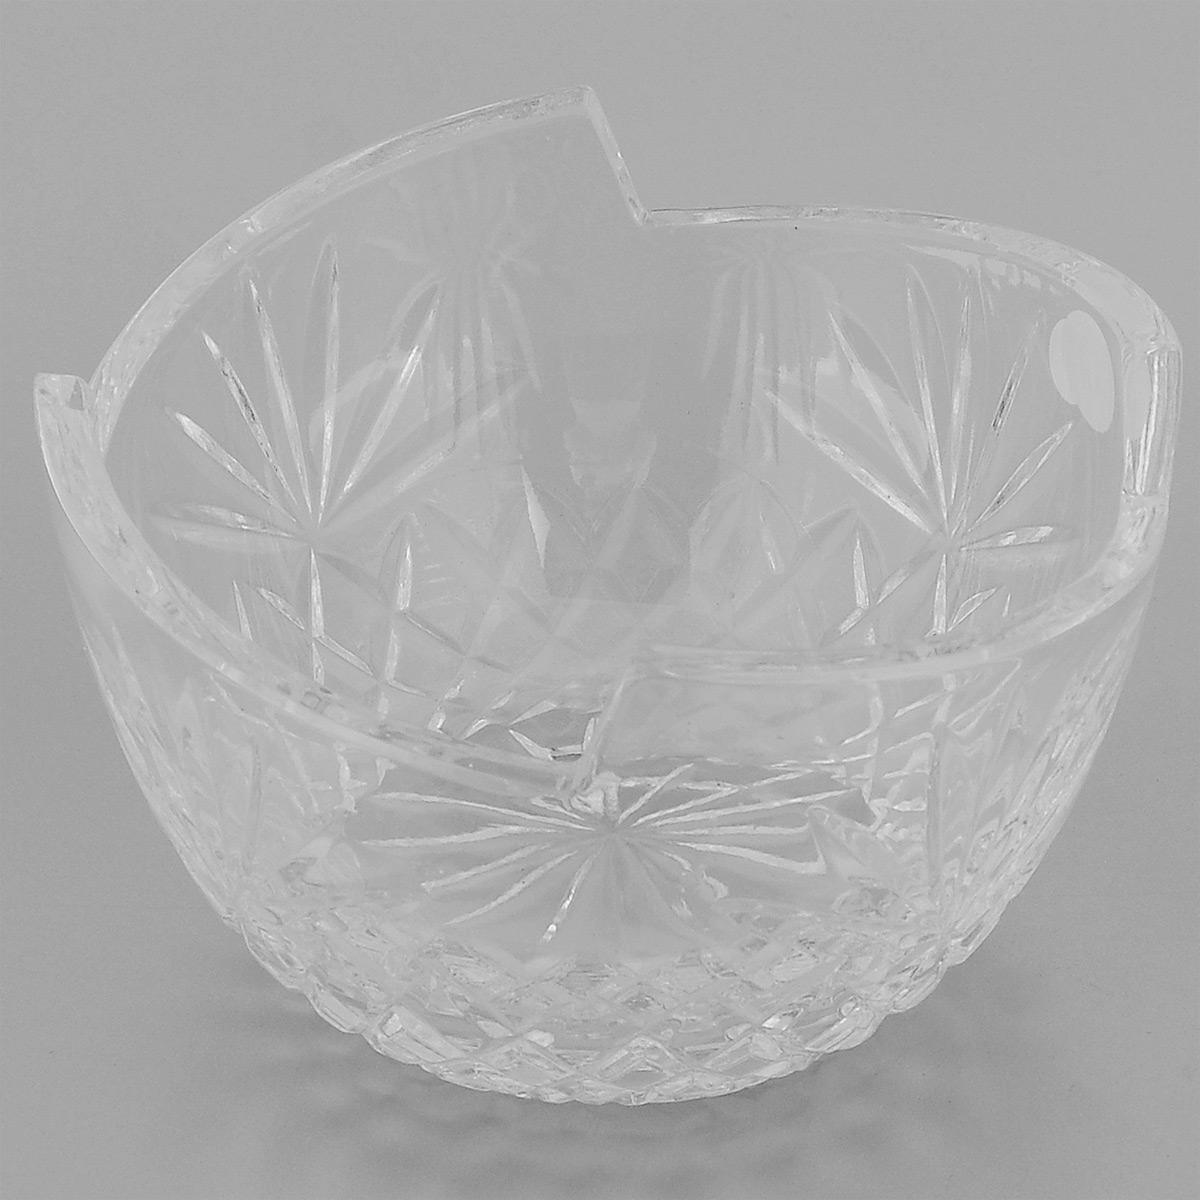 Салатник Neman, диаметр 12,5 см10026(900/26)-3Салатник Neman, выполненный из прочного высококачественного свинцового хрусталя, имеет круглую форму с заостренными краями и декорирован красочным рельефным узором. Изделие излучает приятный блеск и издает мелодичный звон. Салатник сочетает в себе изысканный дизайн с максимальной функциональностью. Он прекрасно впишется в интерьер вашей кухни и станет достойным дополнением к кухонному инвентарю. Салатник не только украсит ваш кухонный стол и подчеркнет прекрасный вкус хозяйки, но и станет отличным подарком. Нельзя мыть в посудомоечной машине и использовать в микроволновой печи. Диаметр (по верхнему краю): 12,5 см. Диаметр основания: 6,5 см. Высота салатника: 7,6 см.